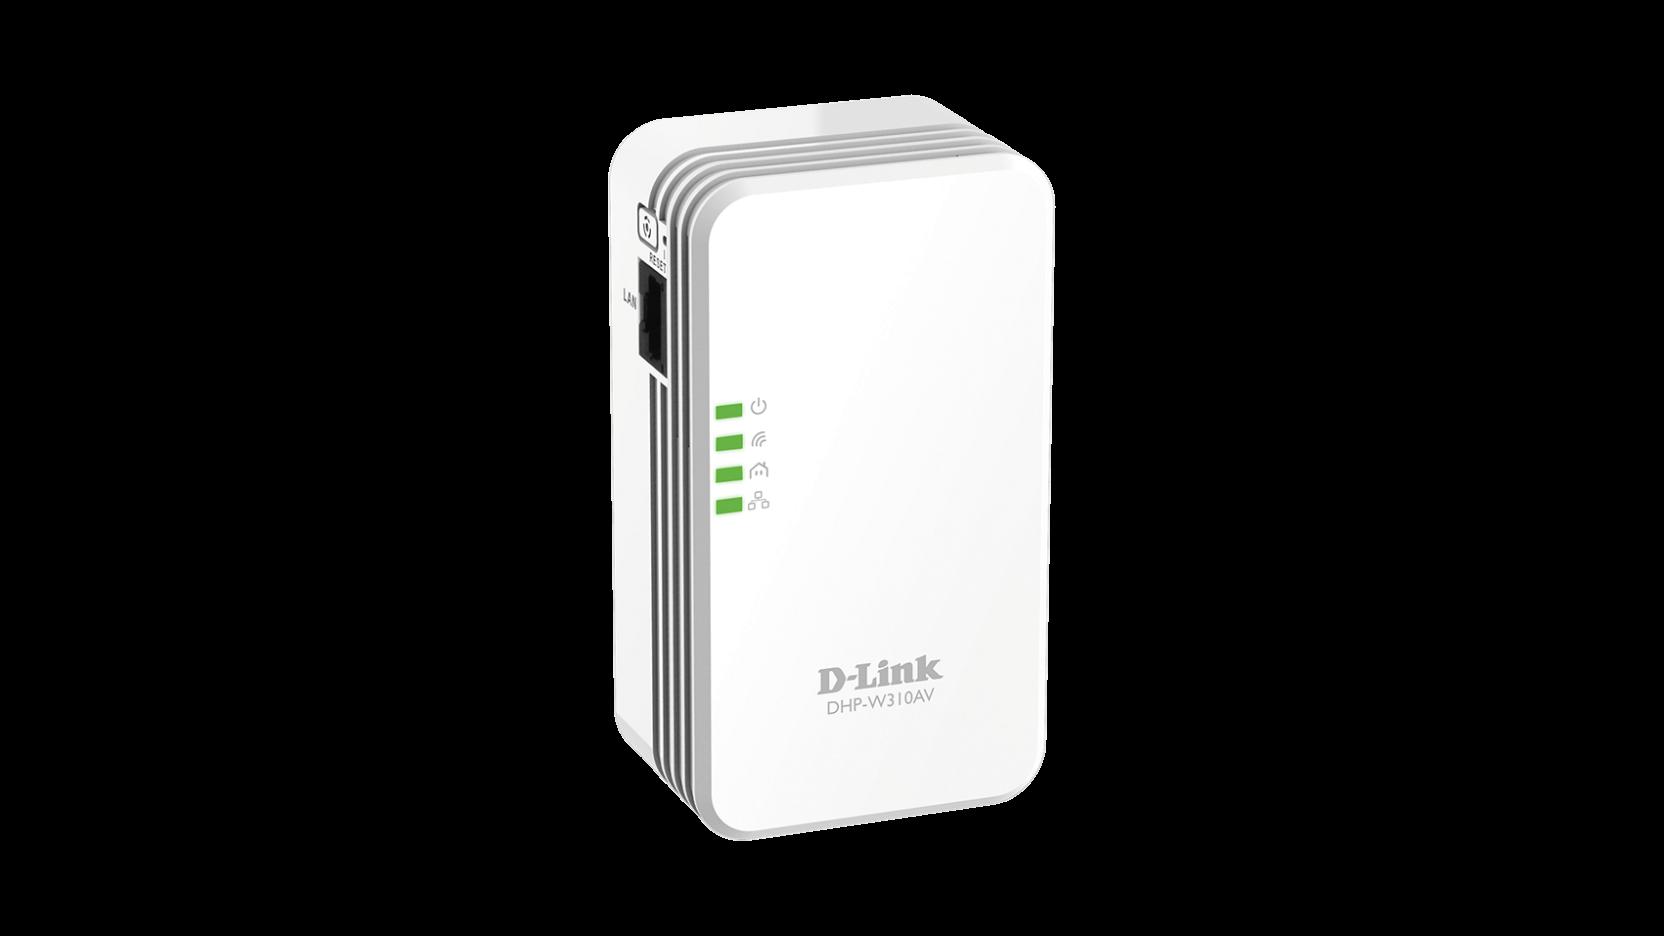 Dhp W310av Powerline Av 500 Wireless N Mini Extender D Link Espaa Using Homeplug Ethernet For Home Network Media Streaming